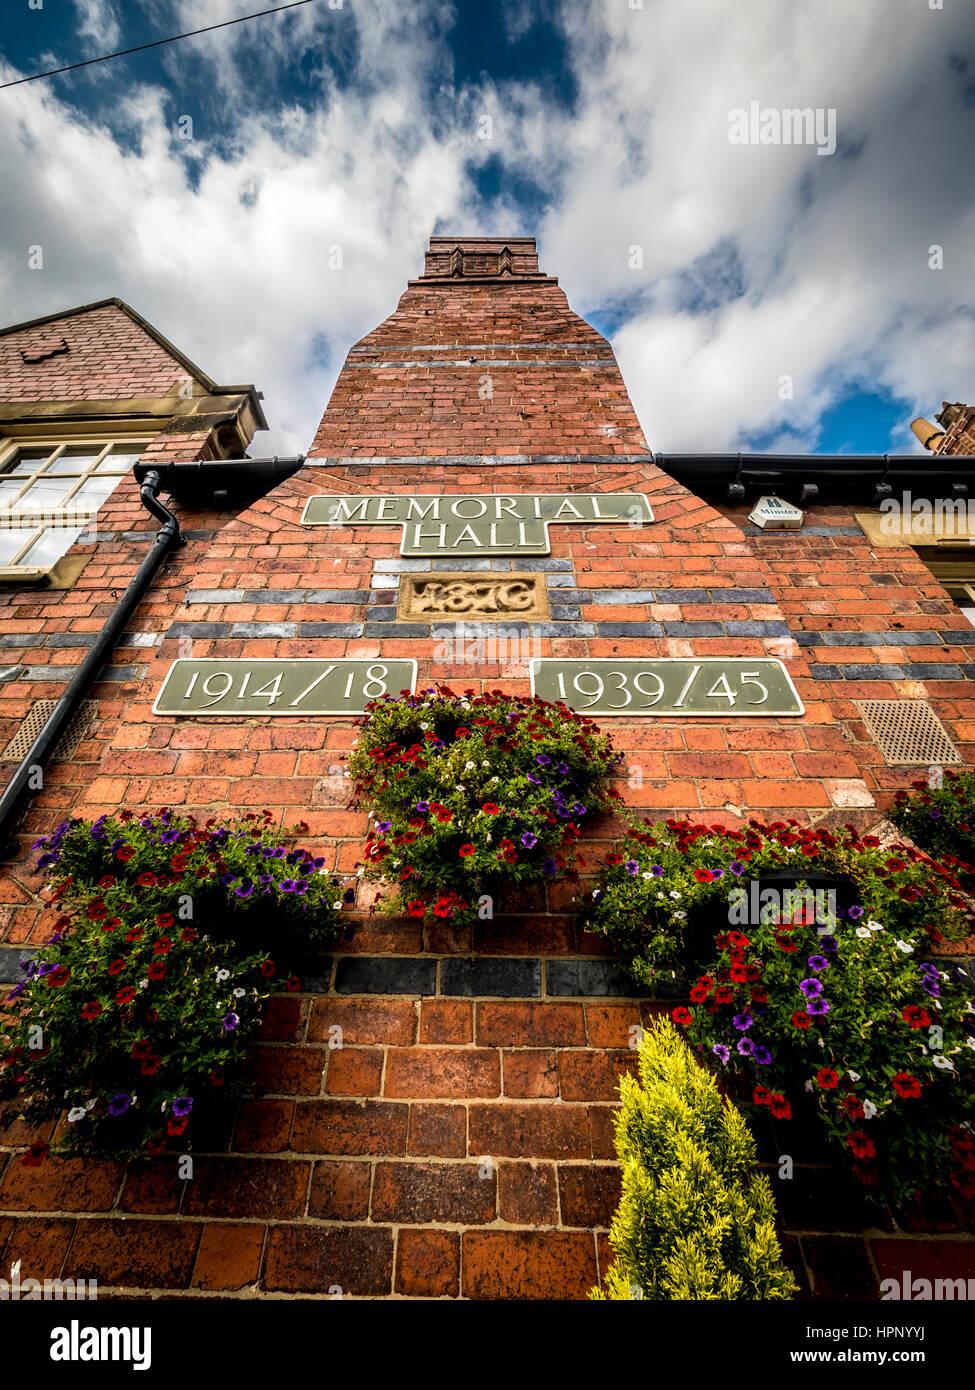 Memorial Hall Plaketten auf Wand, Haxby, Yorkshire, Großbritannien. Stockfoto